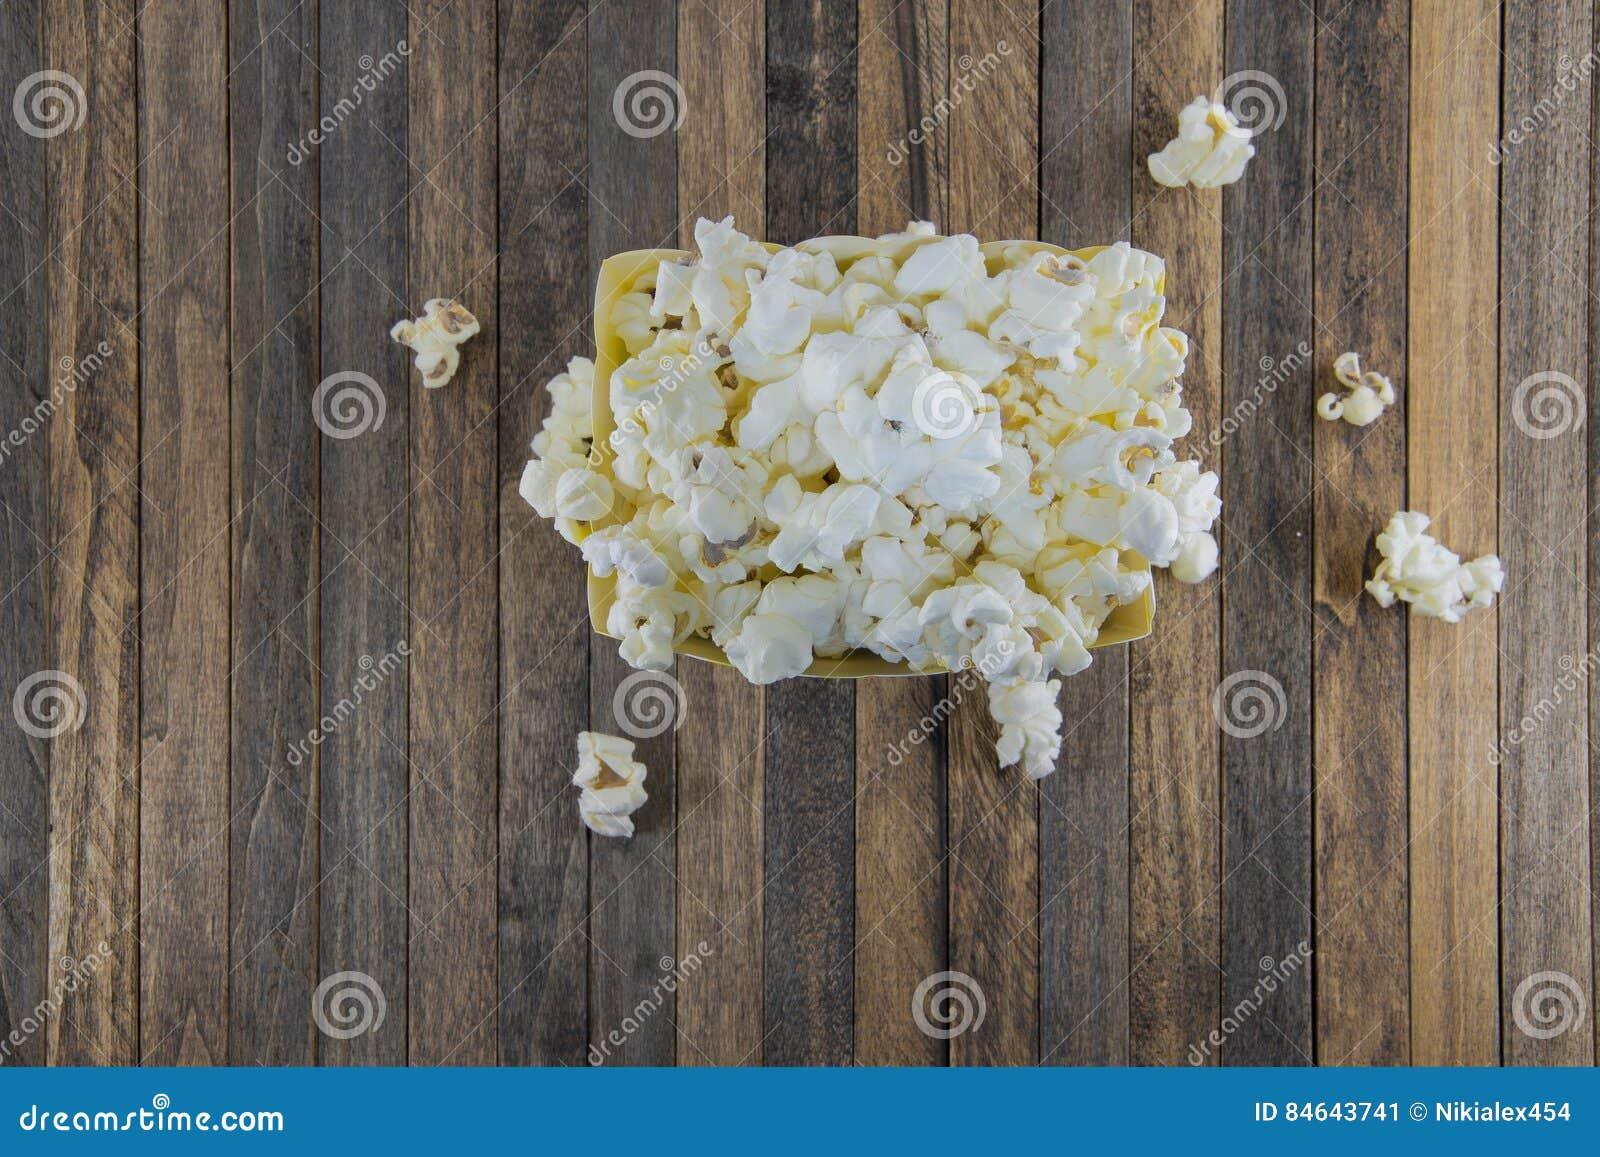 Boîte de maïs éclaté sur un fond en bois